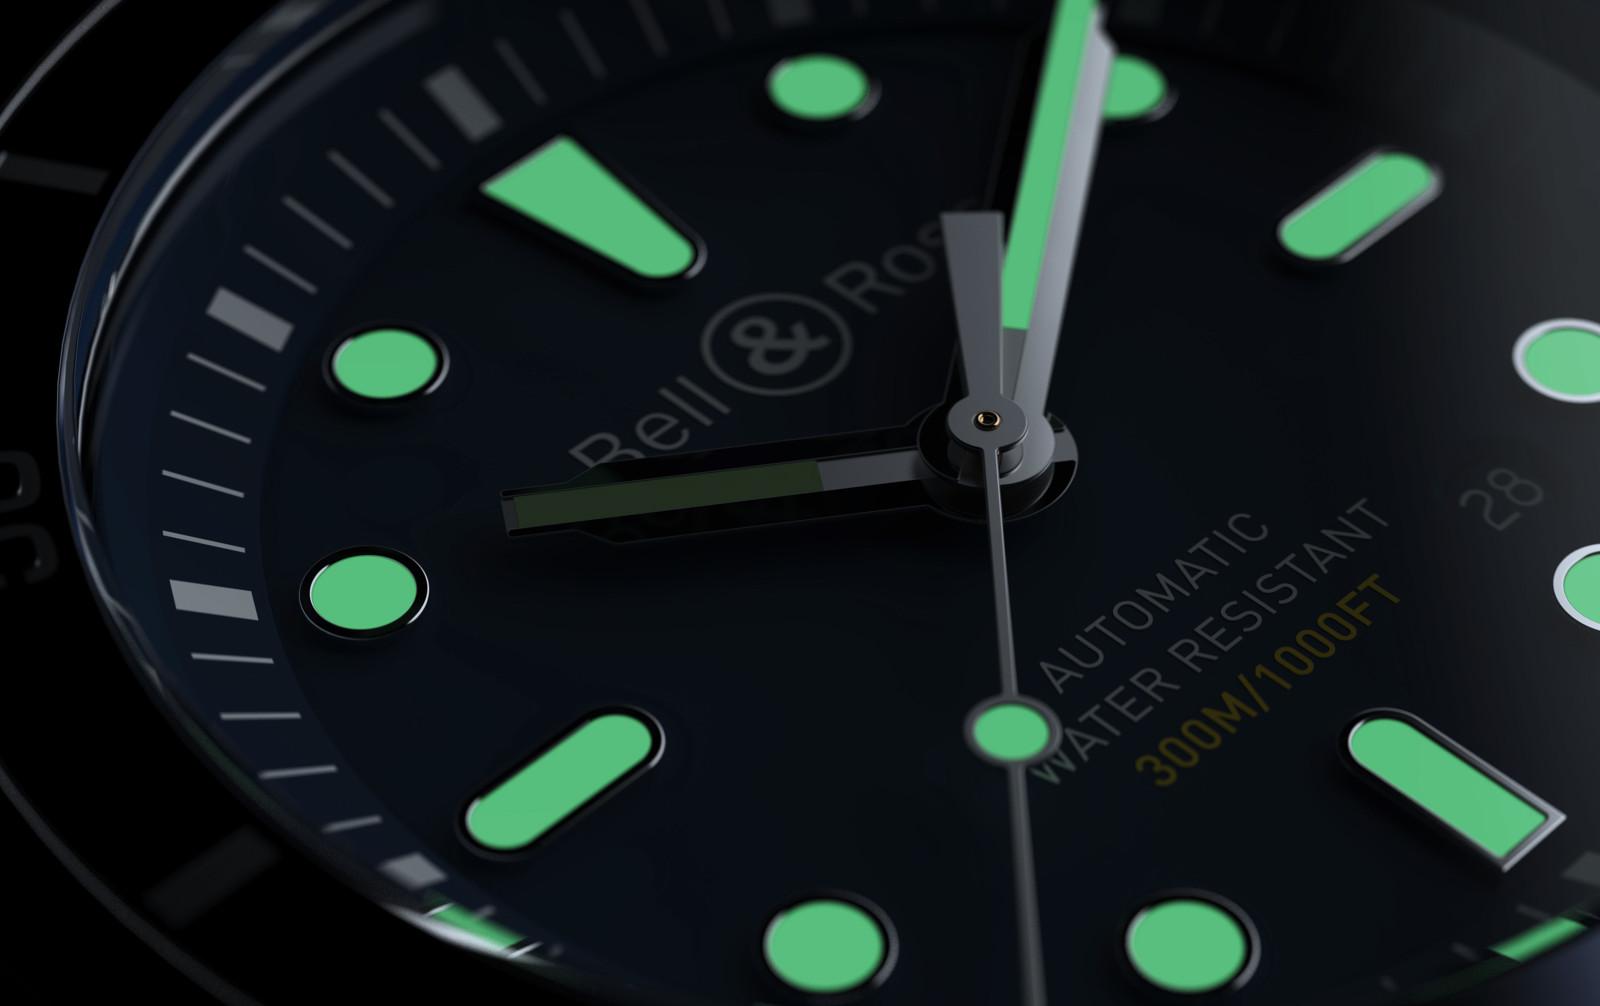 BR03-92 Diver Blue, BR0392 Diver, BR0392-D-BU-ST/SRB